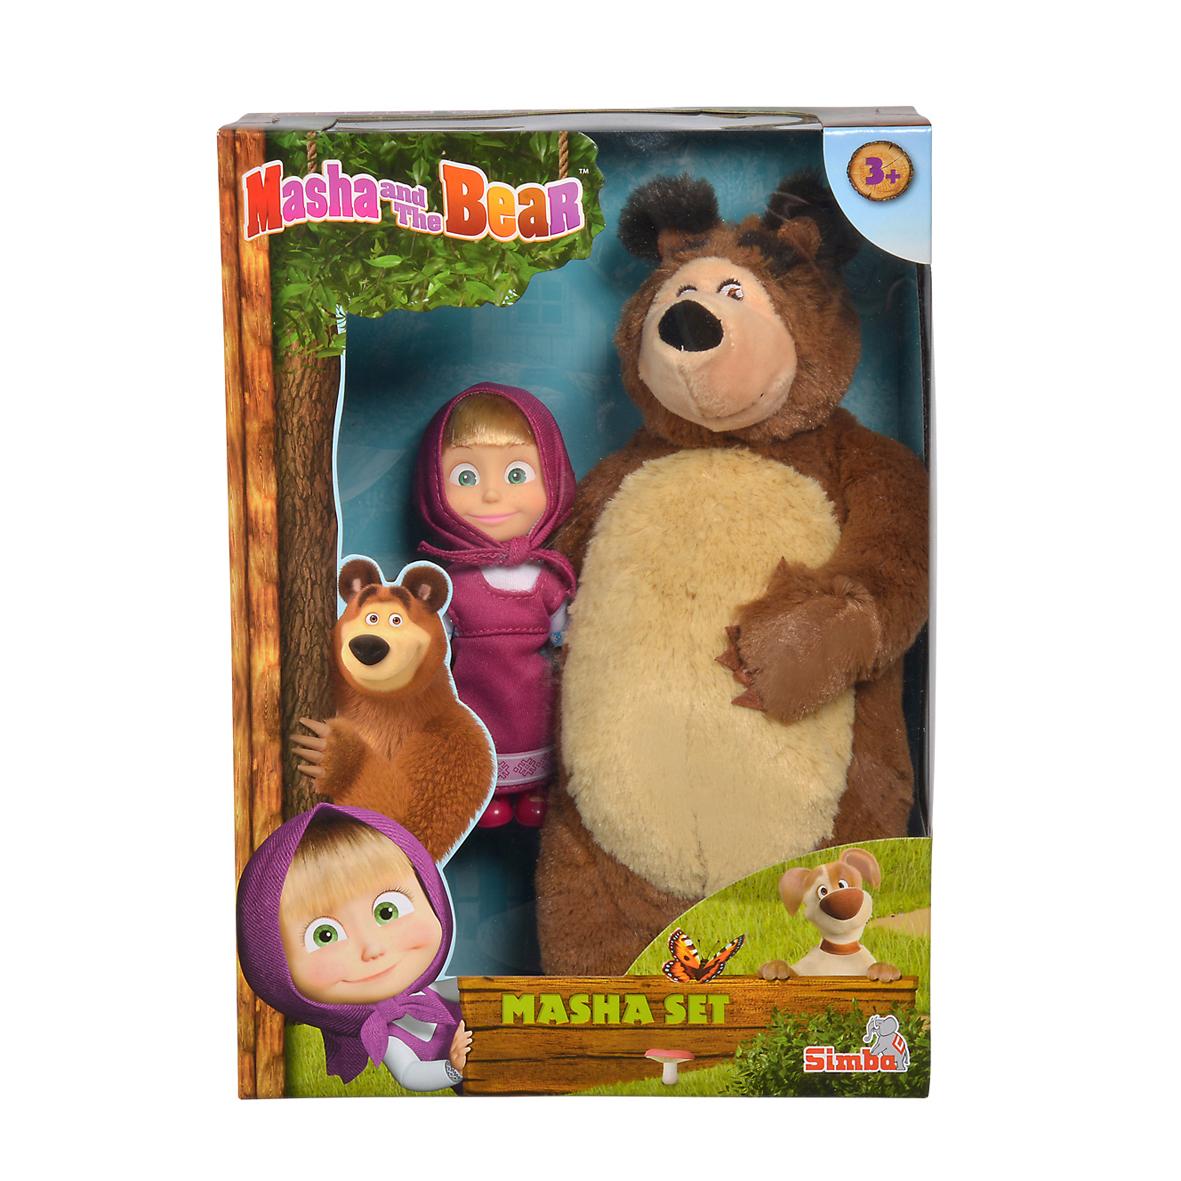 瑪莎和熊套裝